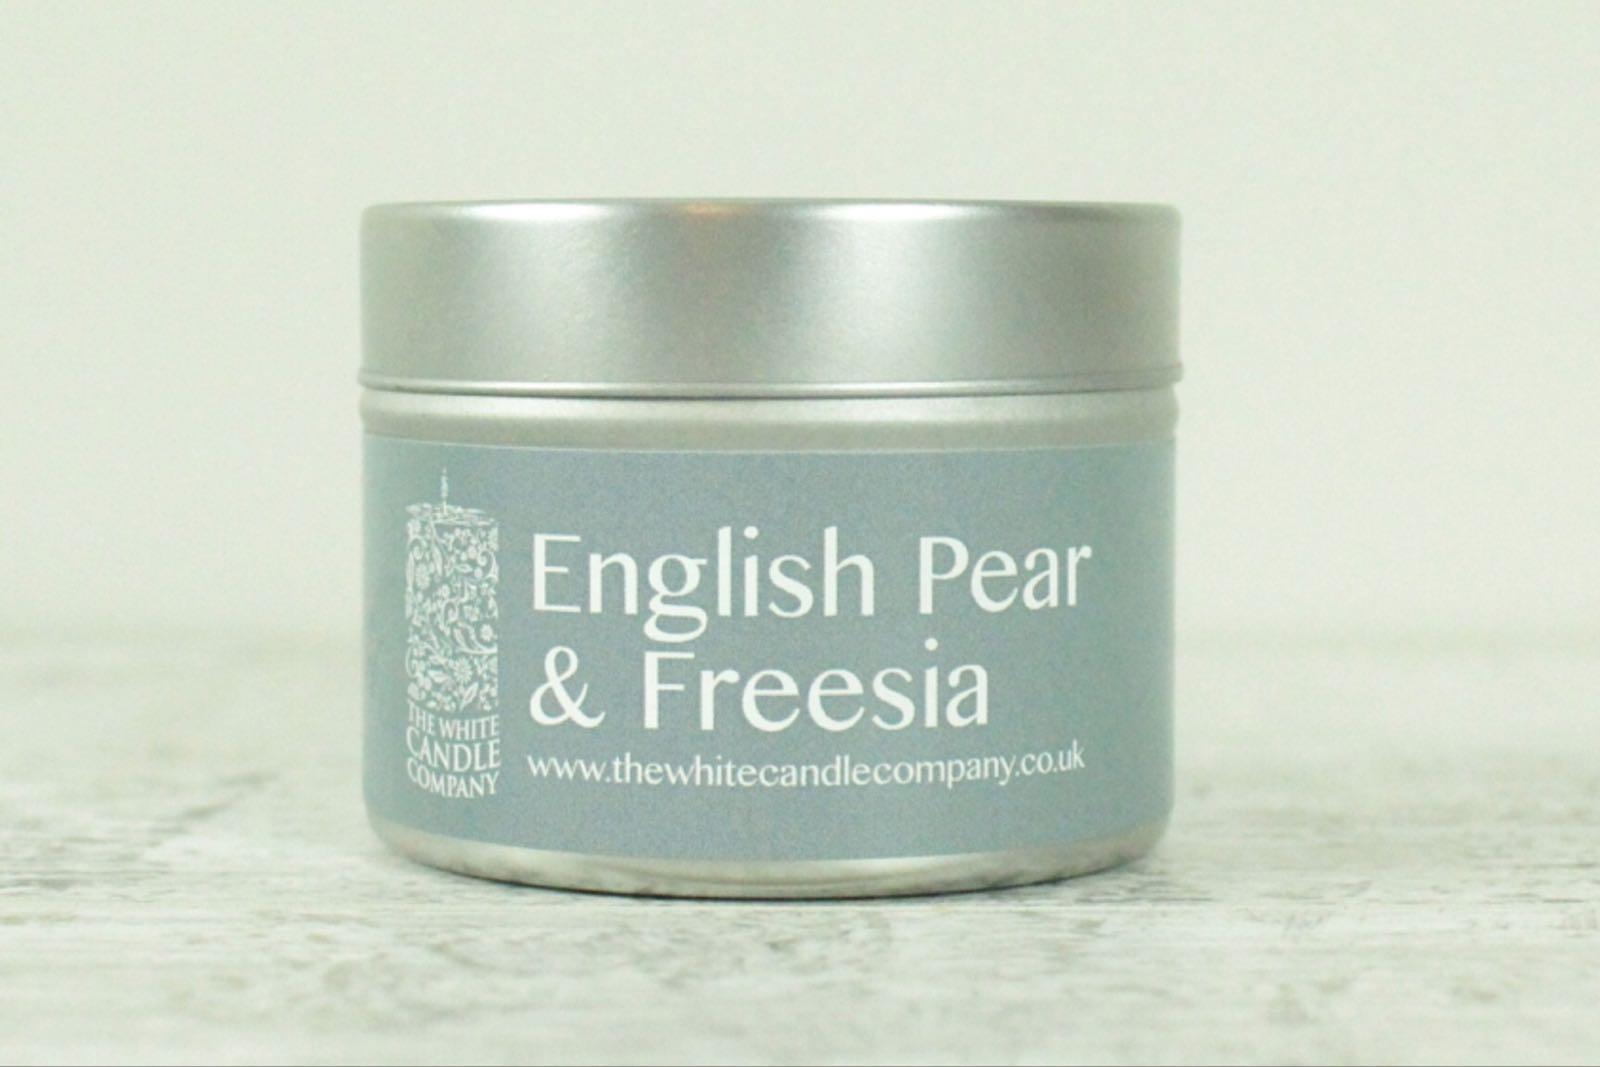 White Candle Co - English Pear & Freesia